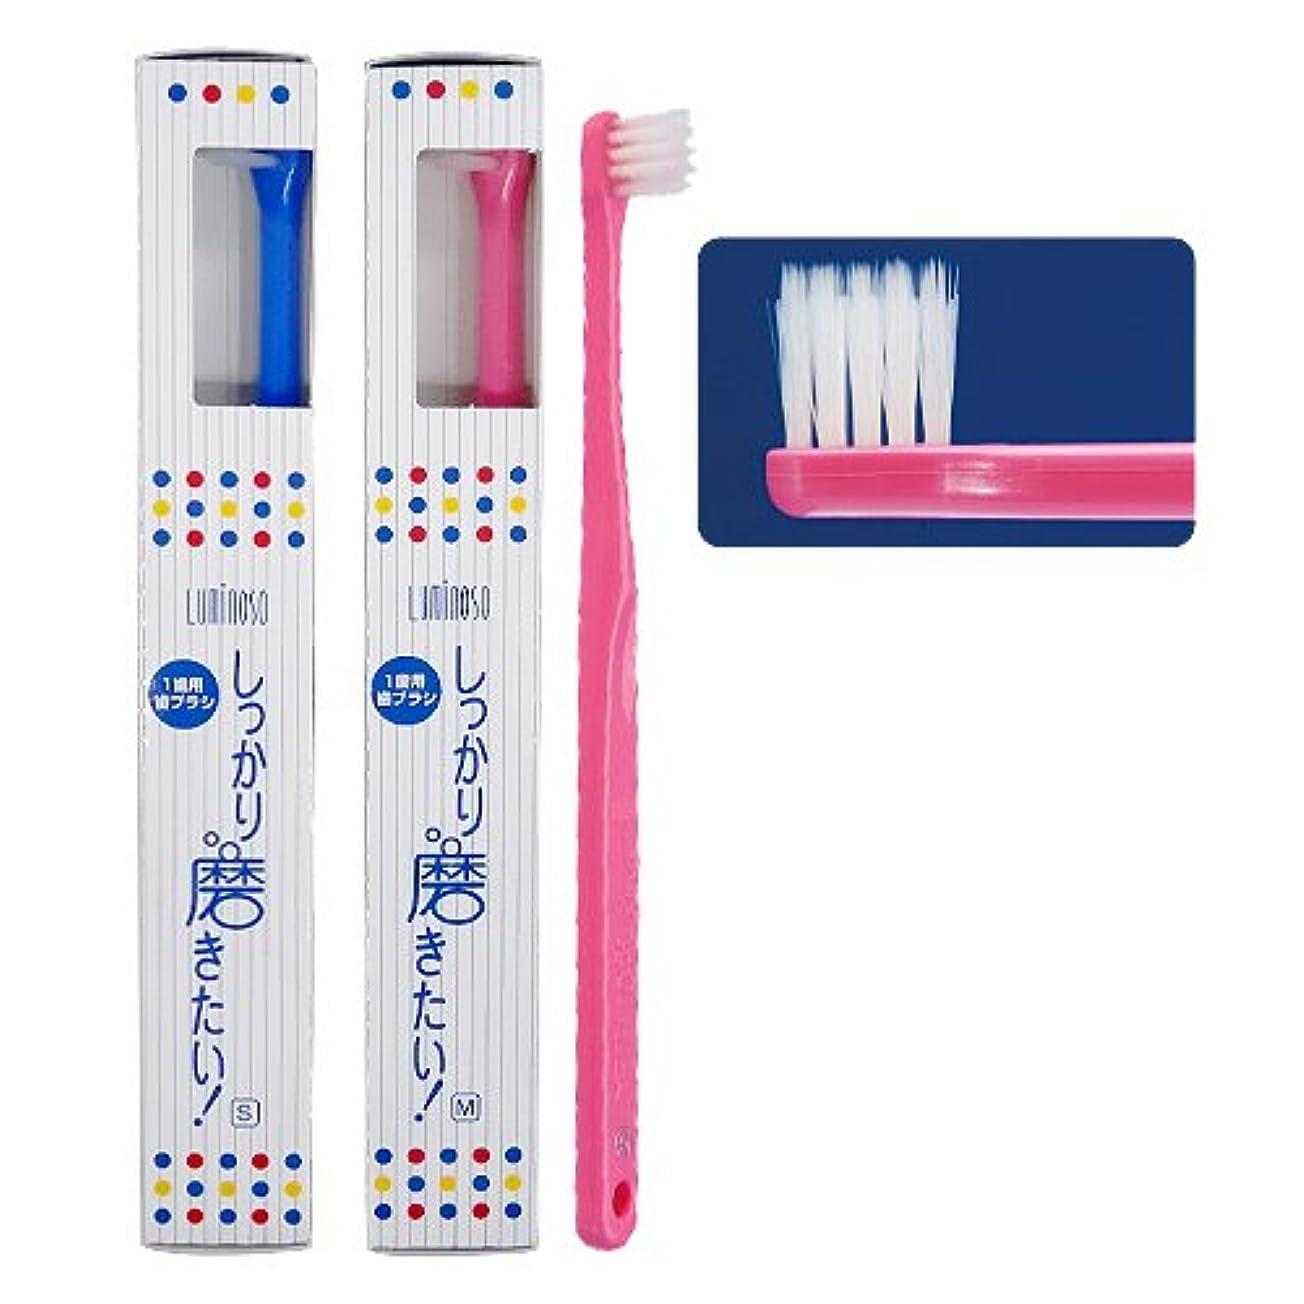 意味する贅沢な農学ルミノソ 1歯用歯ブラシ「しっかり磨きたい!」スタンダード ソフト